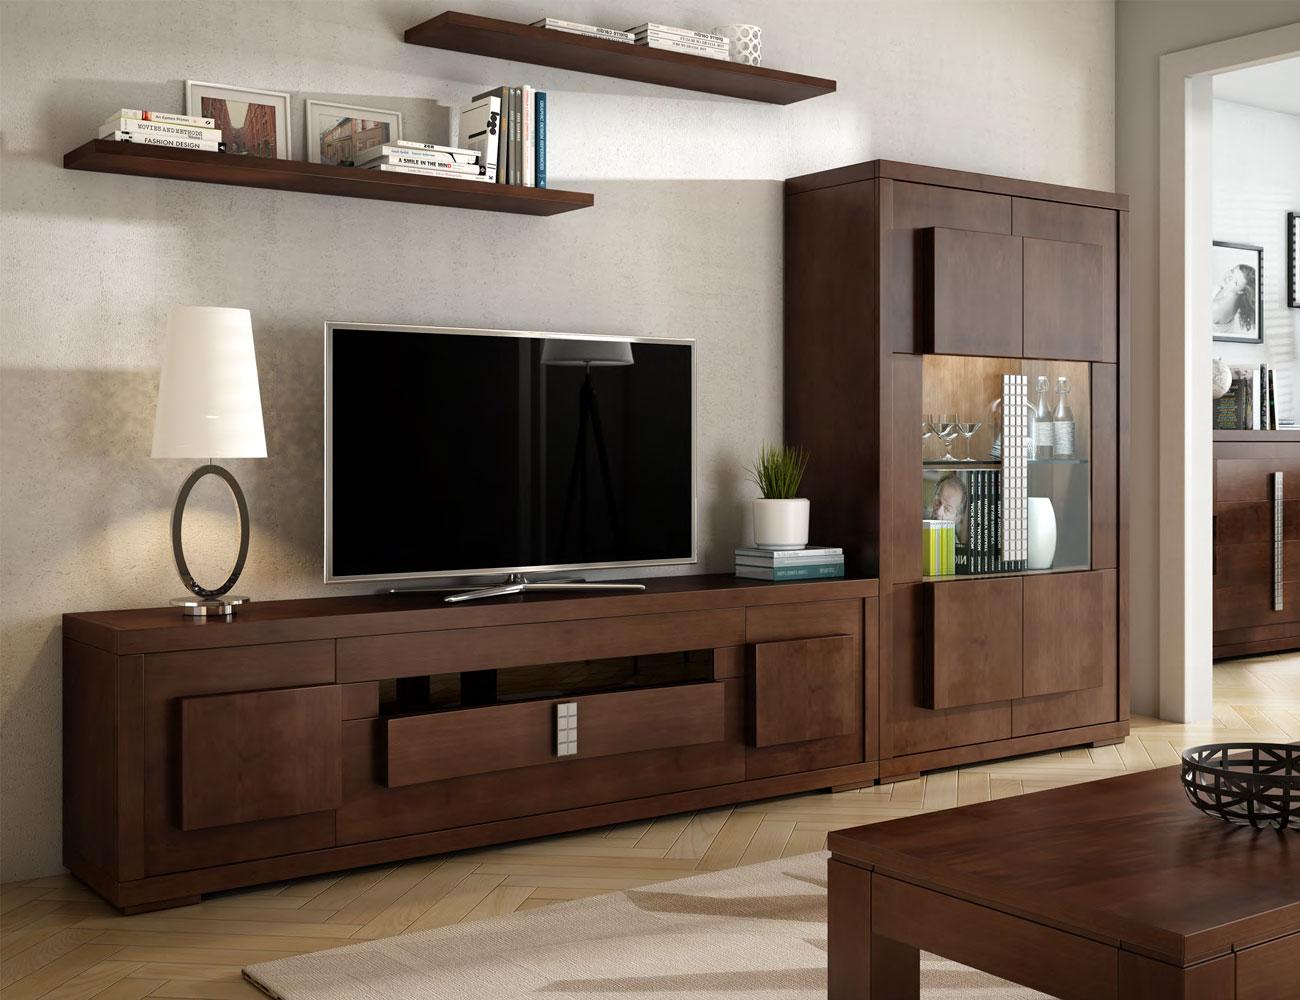 Composicion2 mueble salon comedor neoclasico vitrina nogal clasicc